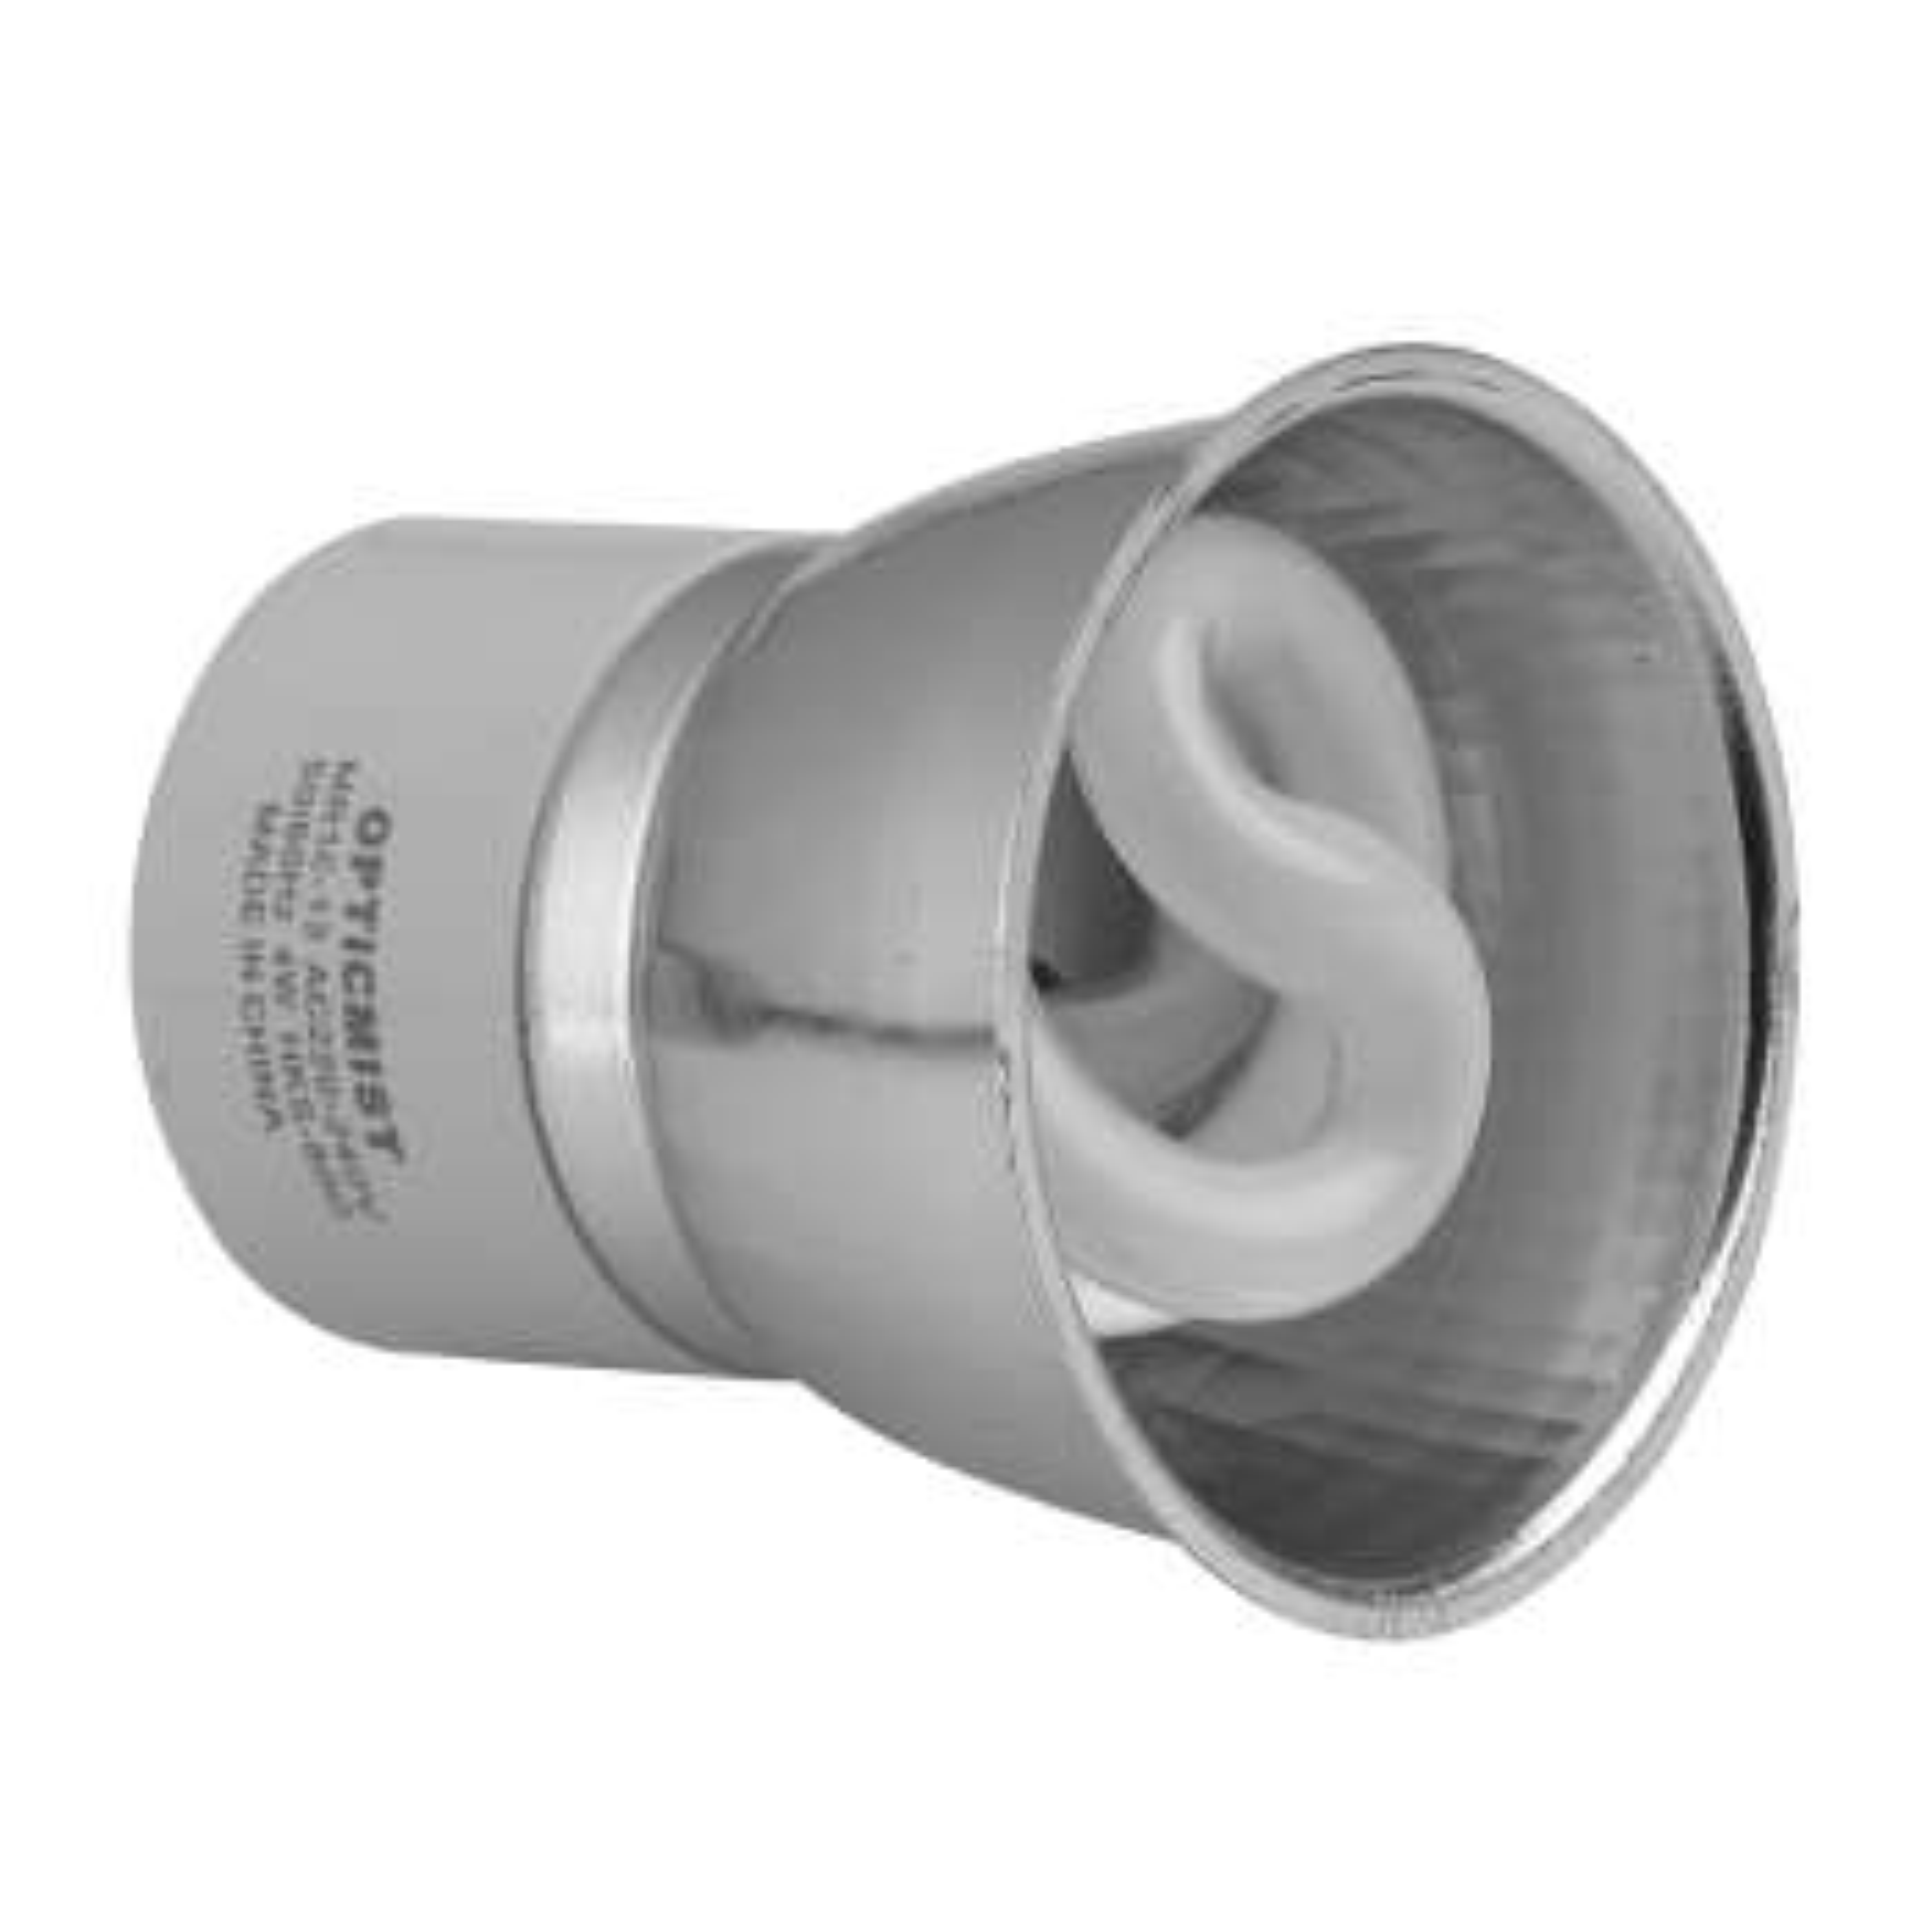 لامپ هالوژن 4 وات اپتیکمیست مدل HKS-800 پایه GU5.3